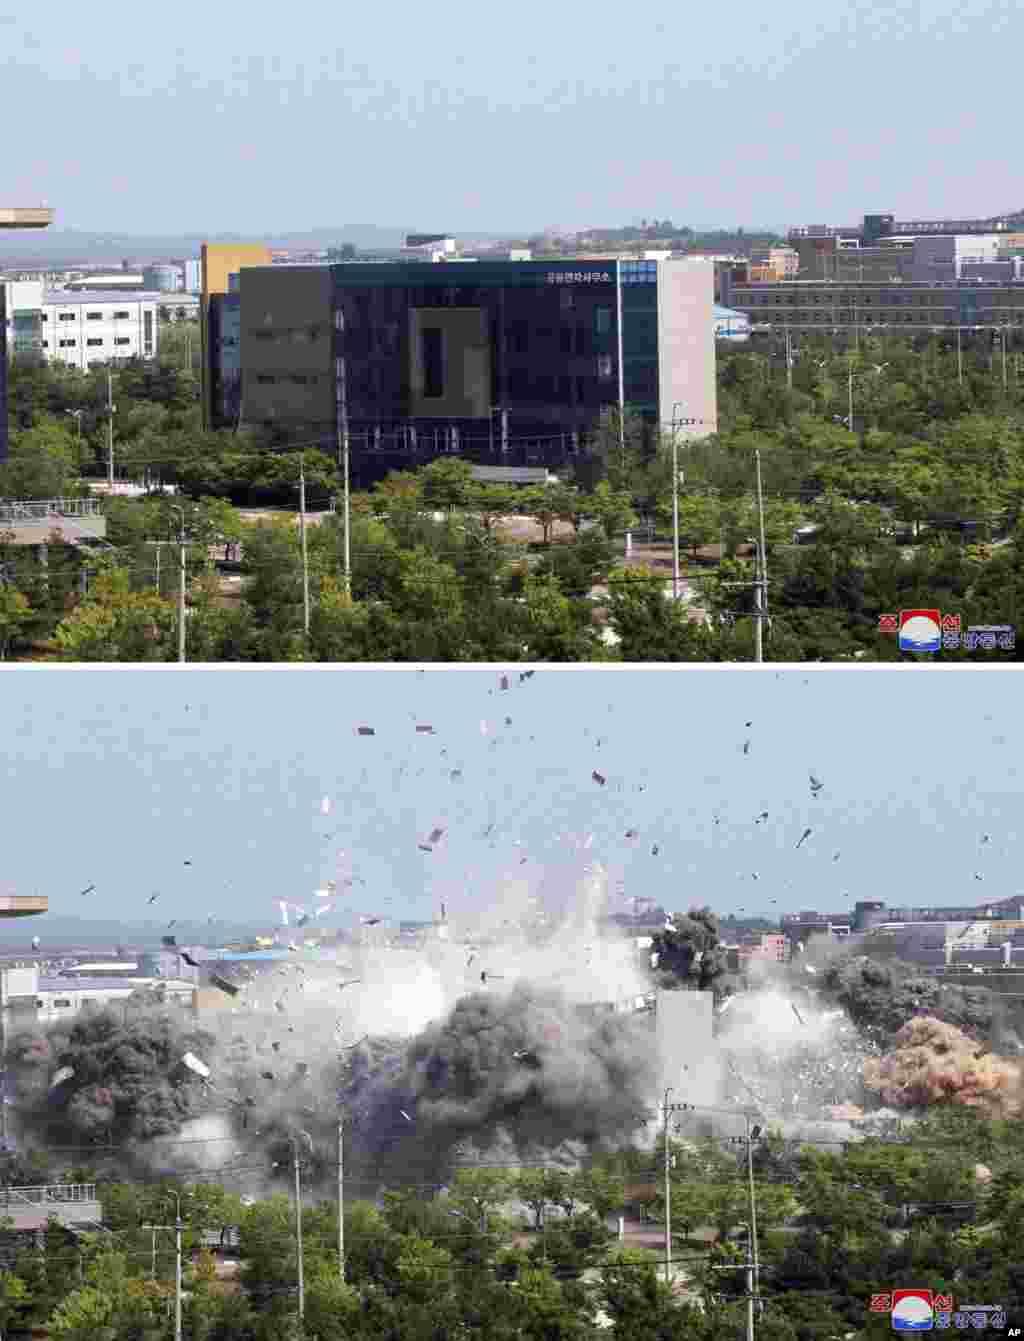 ေျမာက္ကိုရီးယားႏိုင္ငံ Kaesong ၿမိဳ႕ရွိ ဆက္ဆံေရး႐ုံး ေဖာက္ခဲြဖ်က္ဆီးခံရတဲ့ ျမင္ကြင္း။ (ဇြန္ ၁၆၊ ၂၀၂၀)